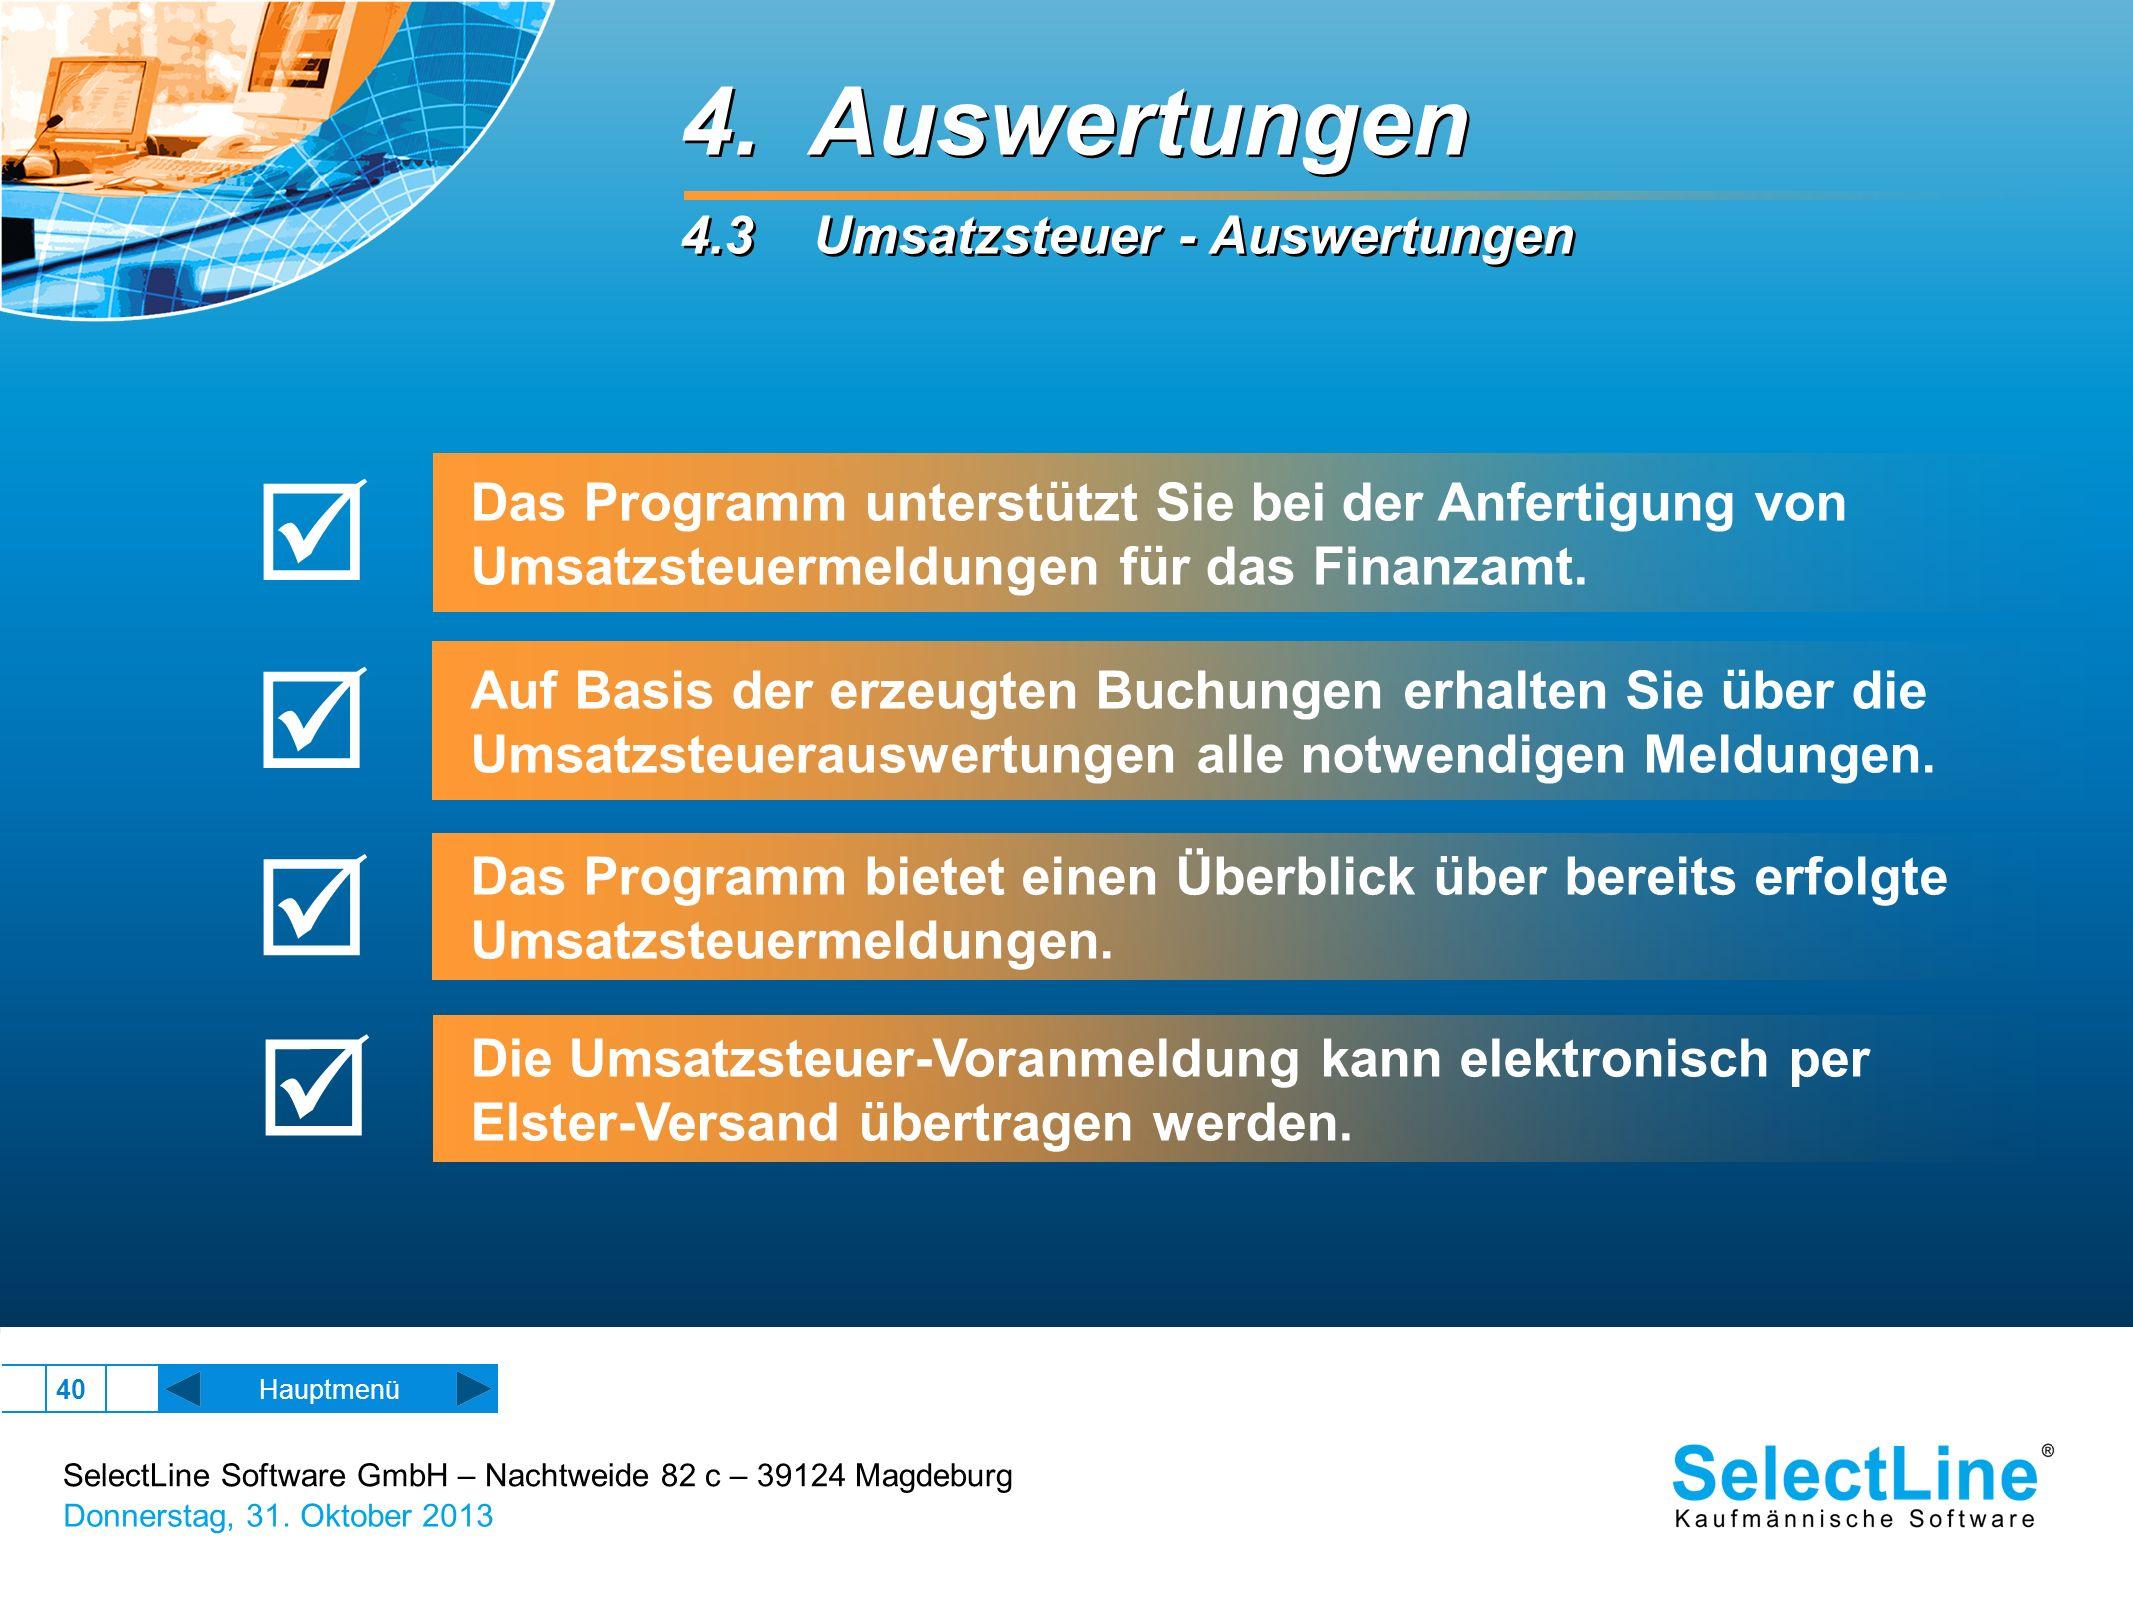 SelectLine Software GmbH – Nachtweide 82 c – 39124 Magdeburg Donnerstag, 31. Oktober 2013 40 Hauptmenü 4. Auswertungen 4.3 Umsatzsteuer - Auswertungen